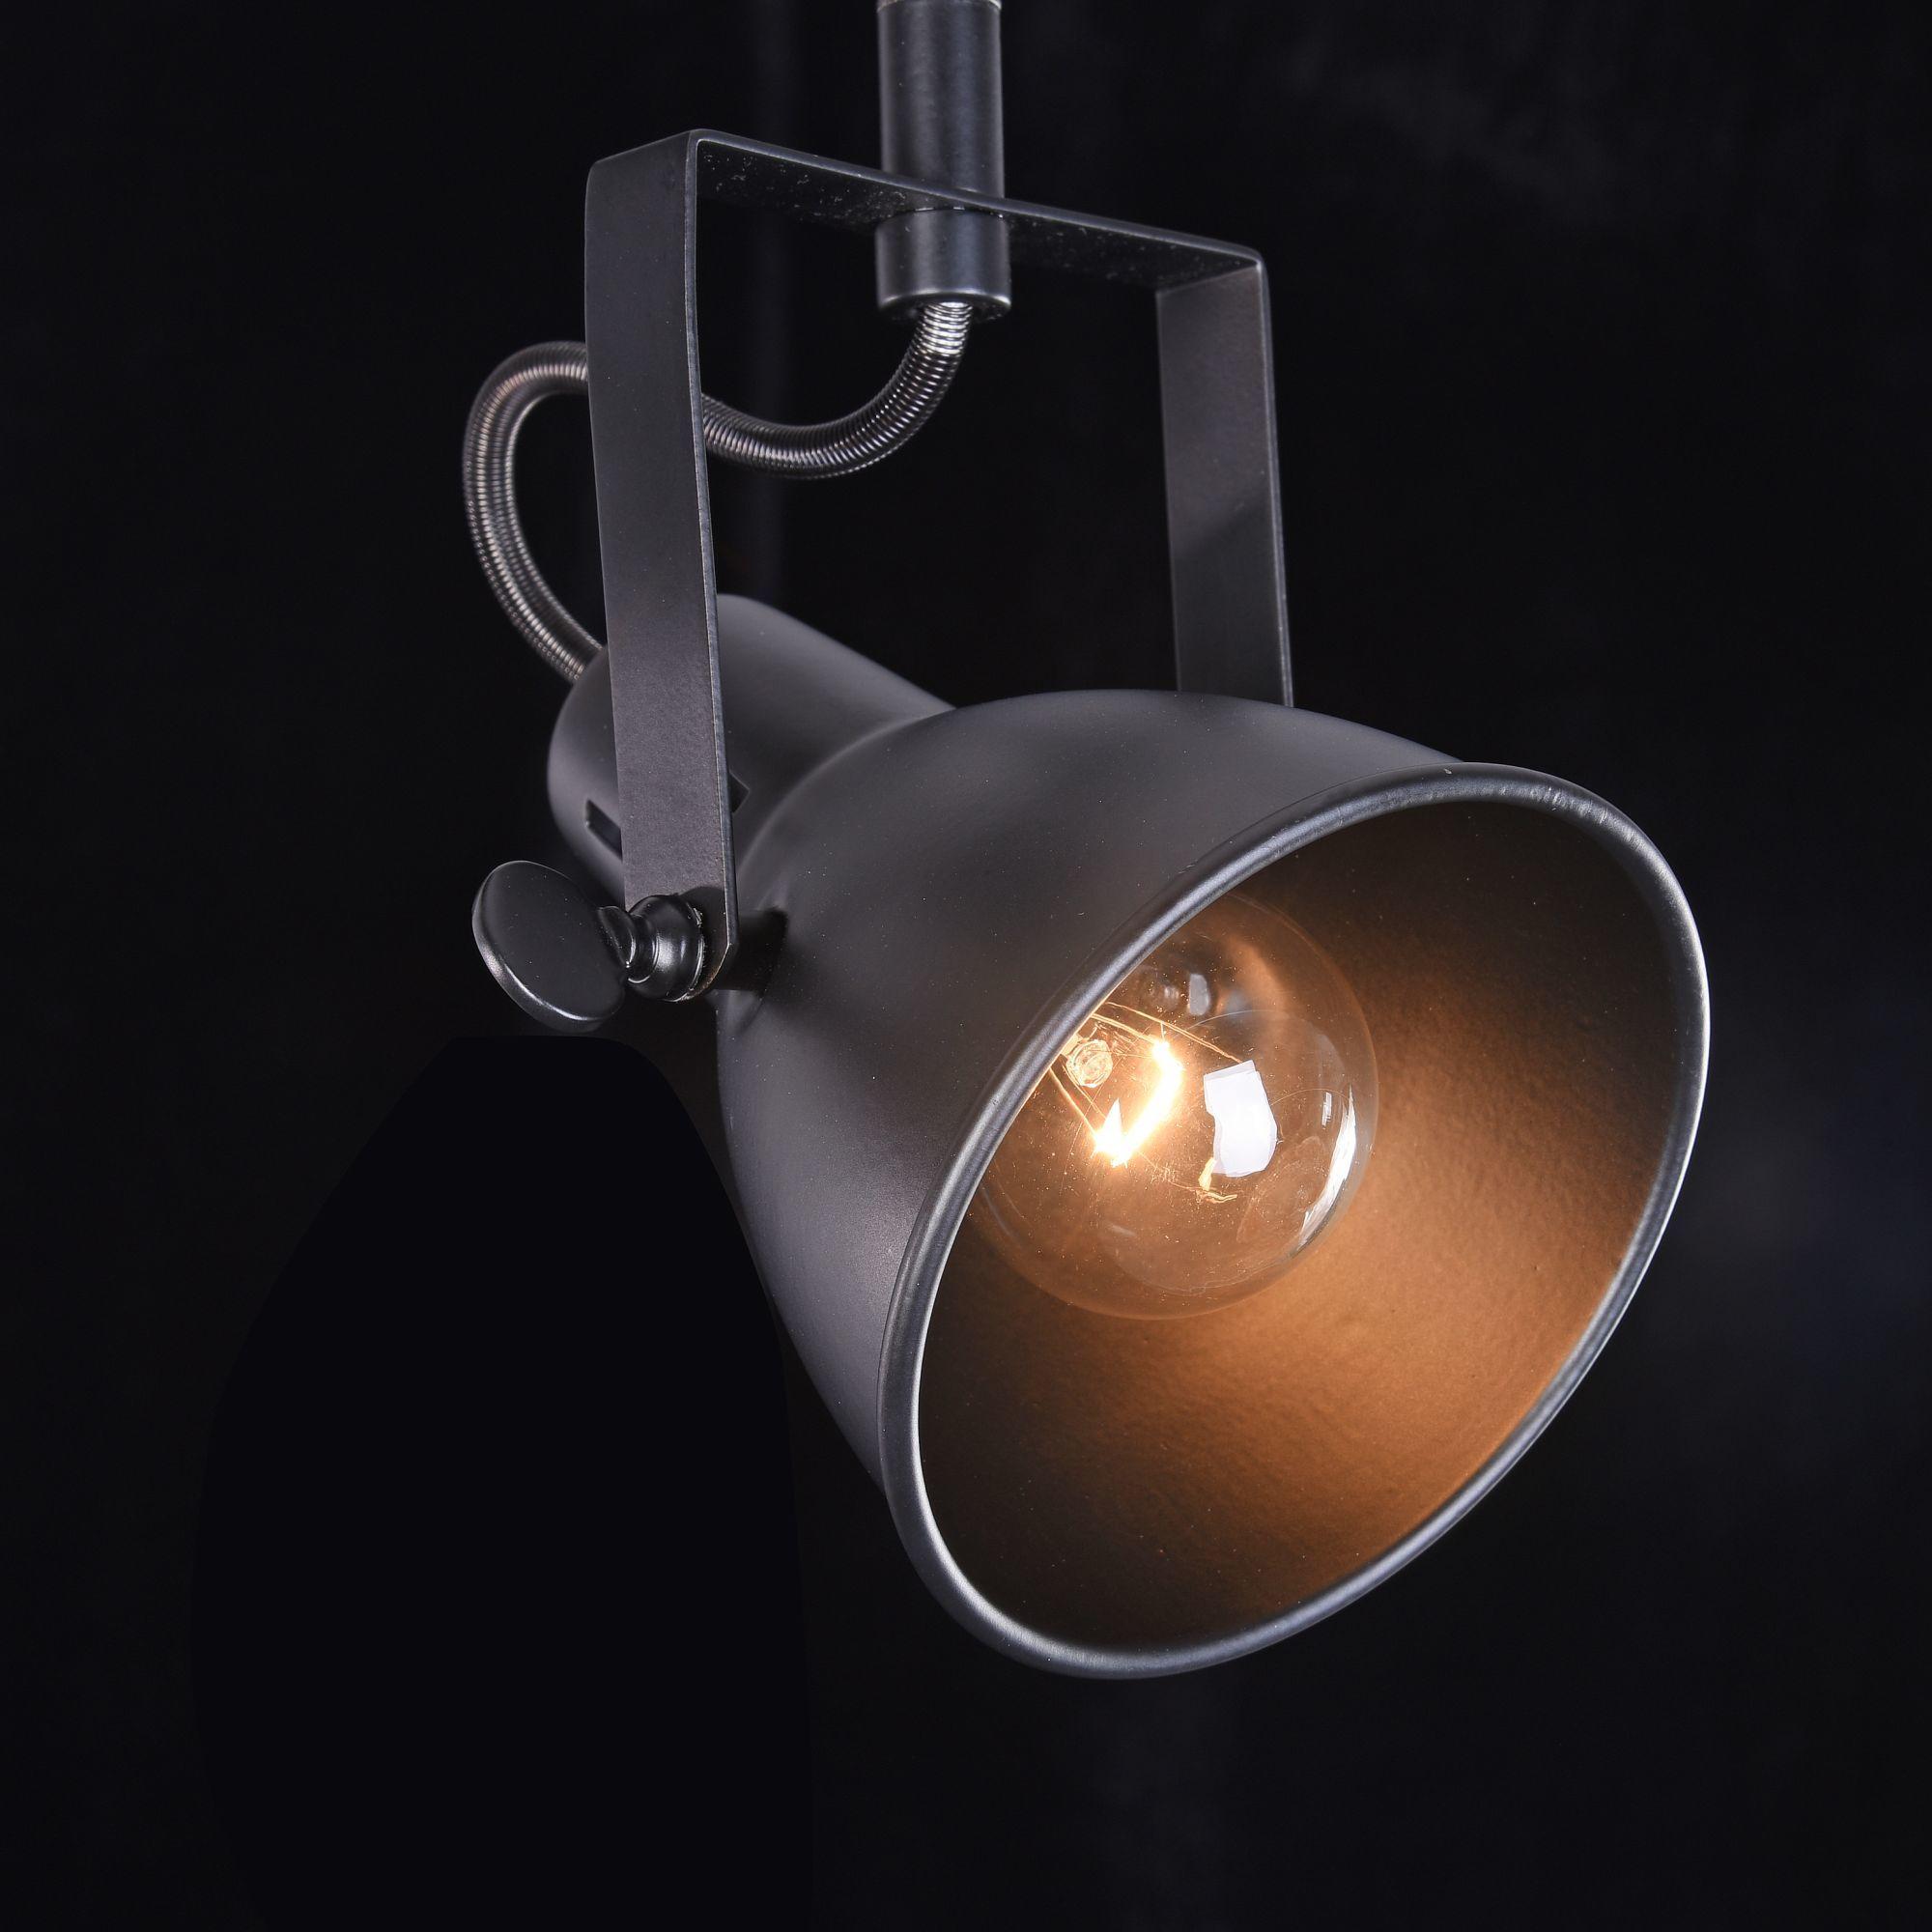 Потолочный светильник с регулировкой направления света Freya Ibbi FR4276-CW-02-B, 2xE14x40W, черный, металл - фото 3